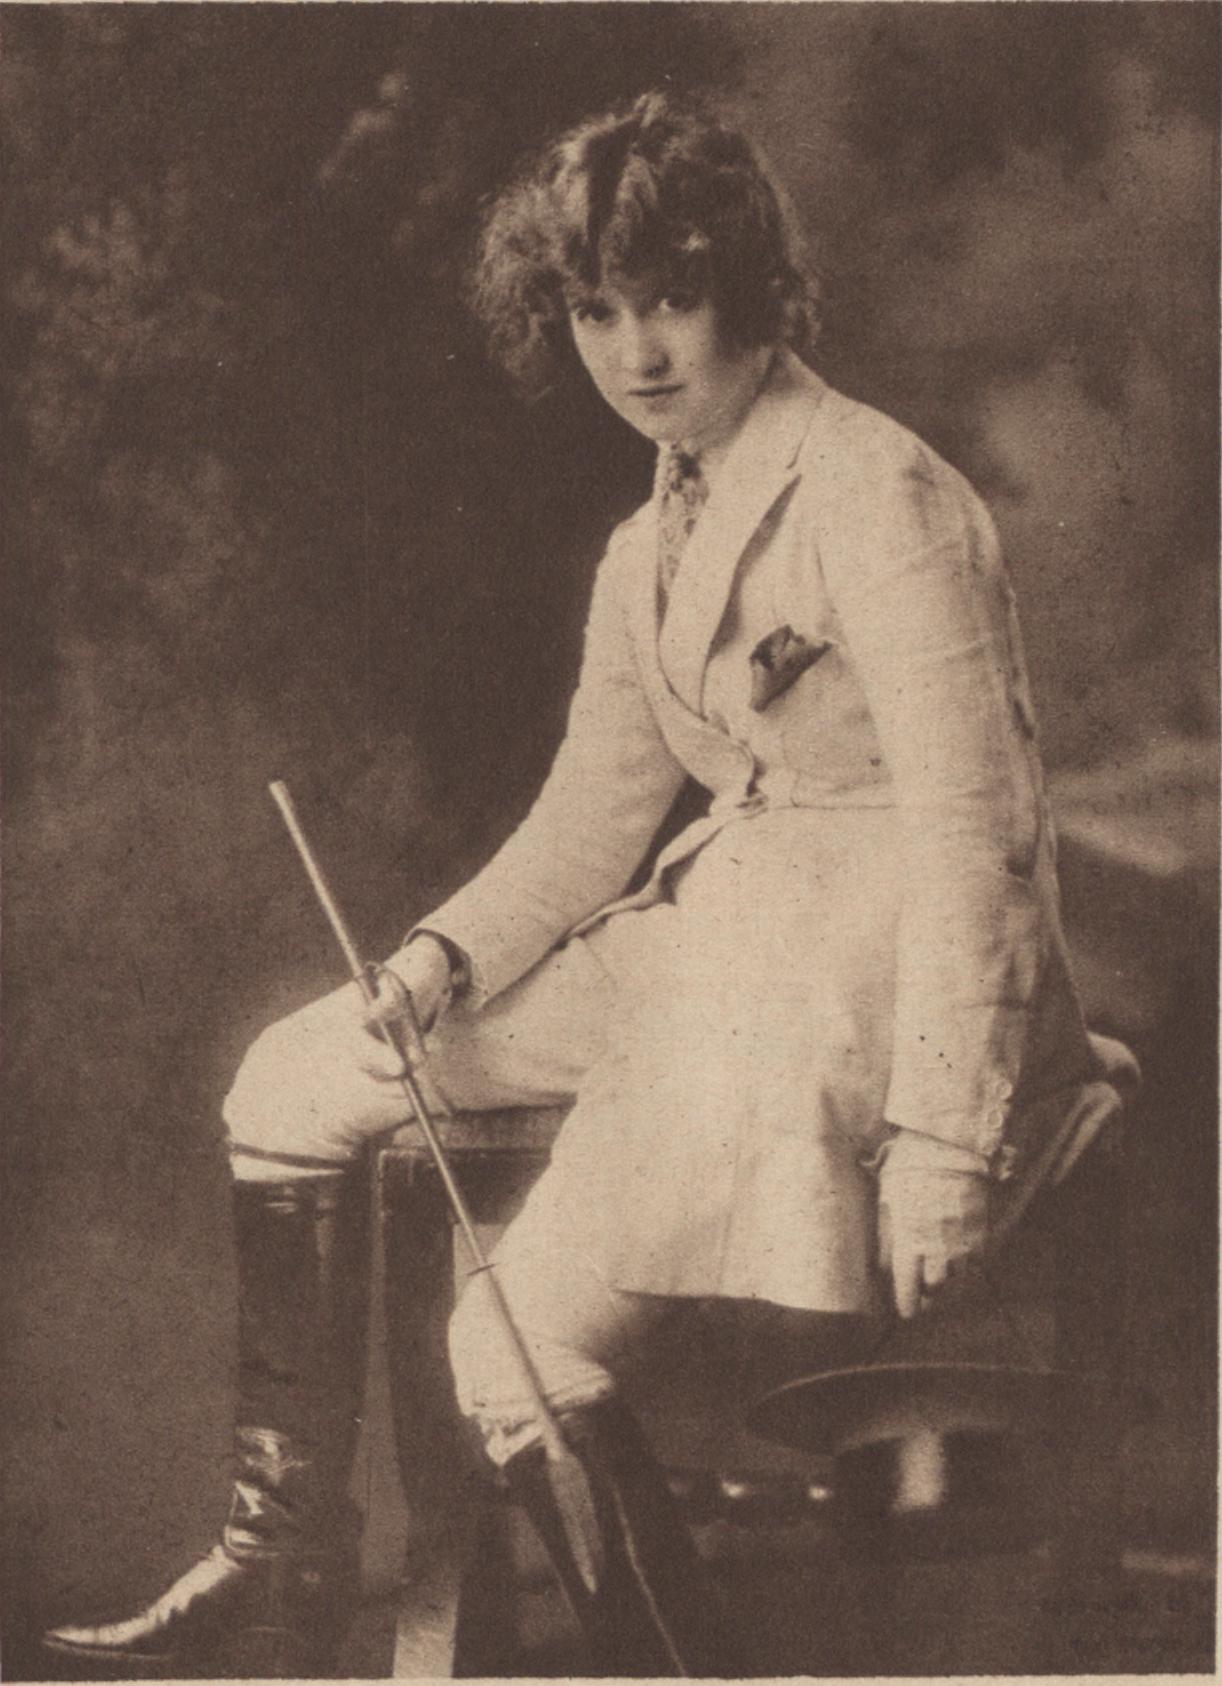 Francine Larrimore